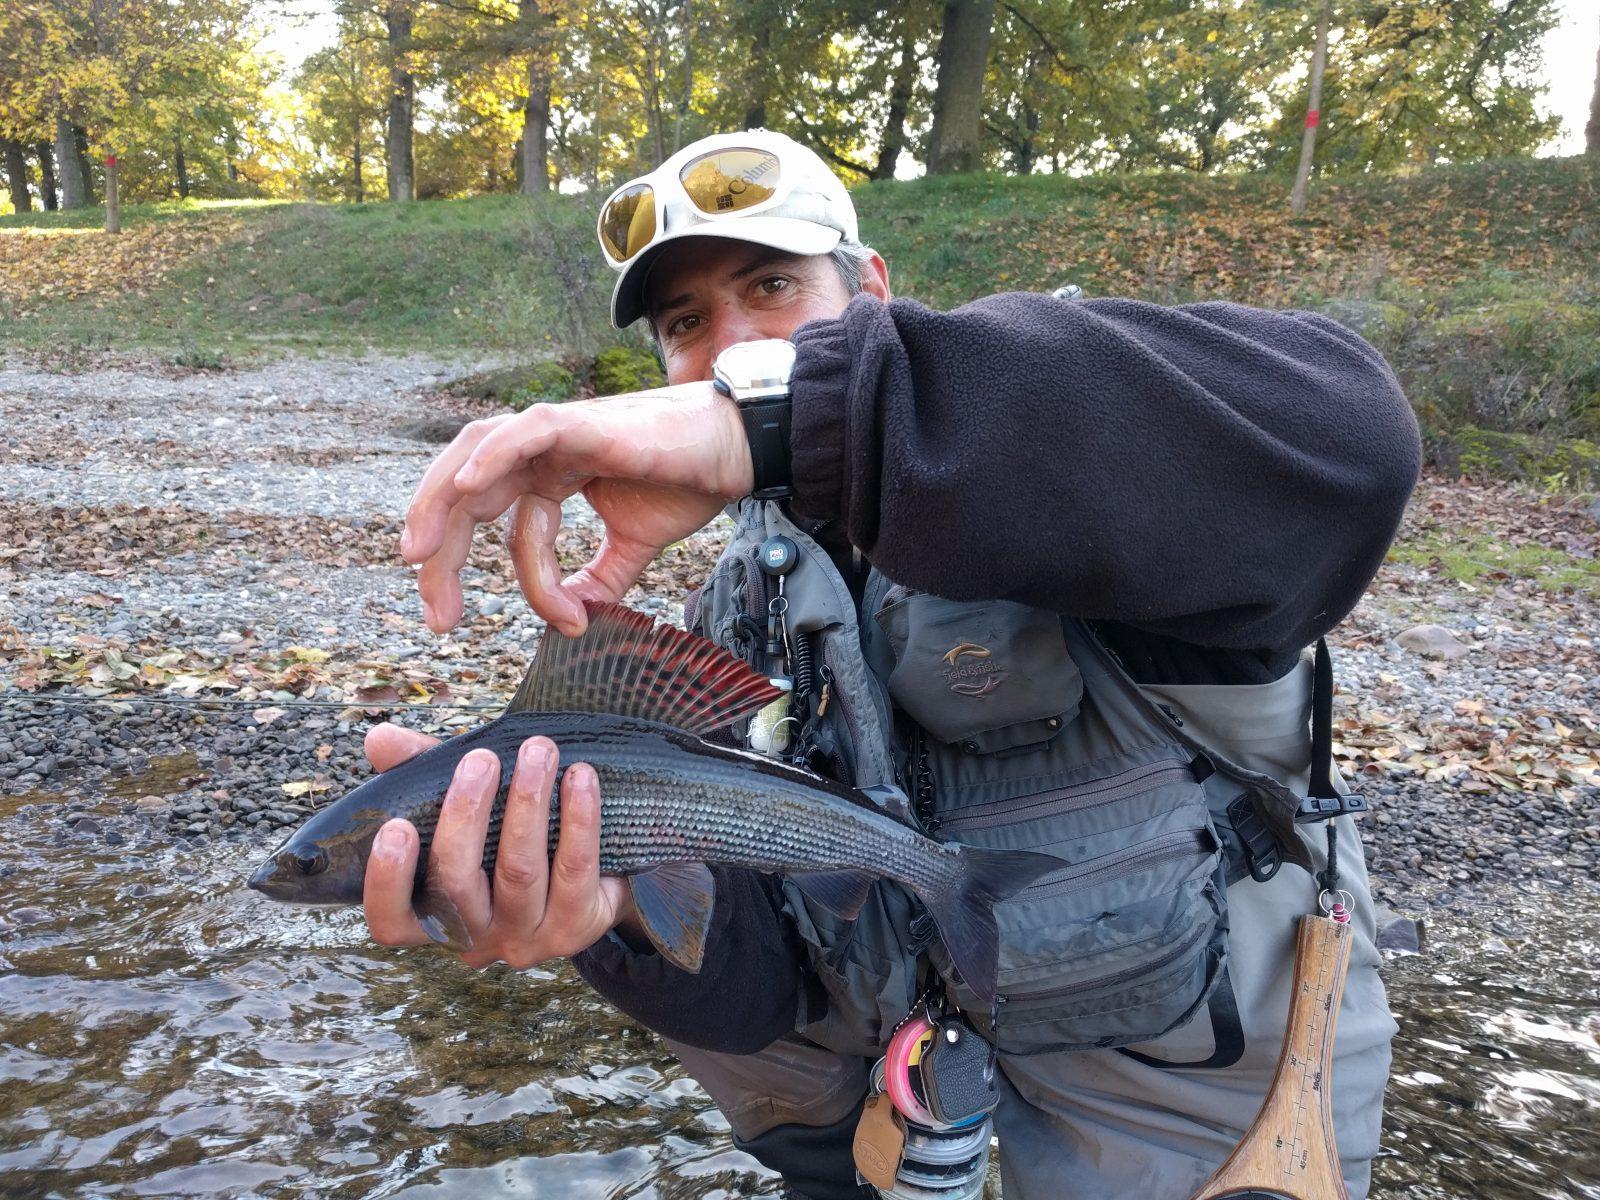 SEJ_Séjour Trappeur: Pêche À Cheval au Fil de la Loire Sauvage_